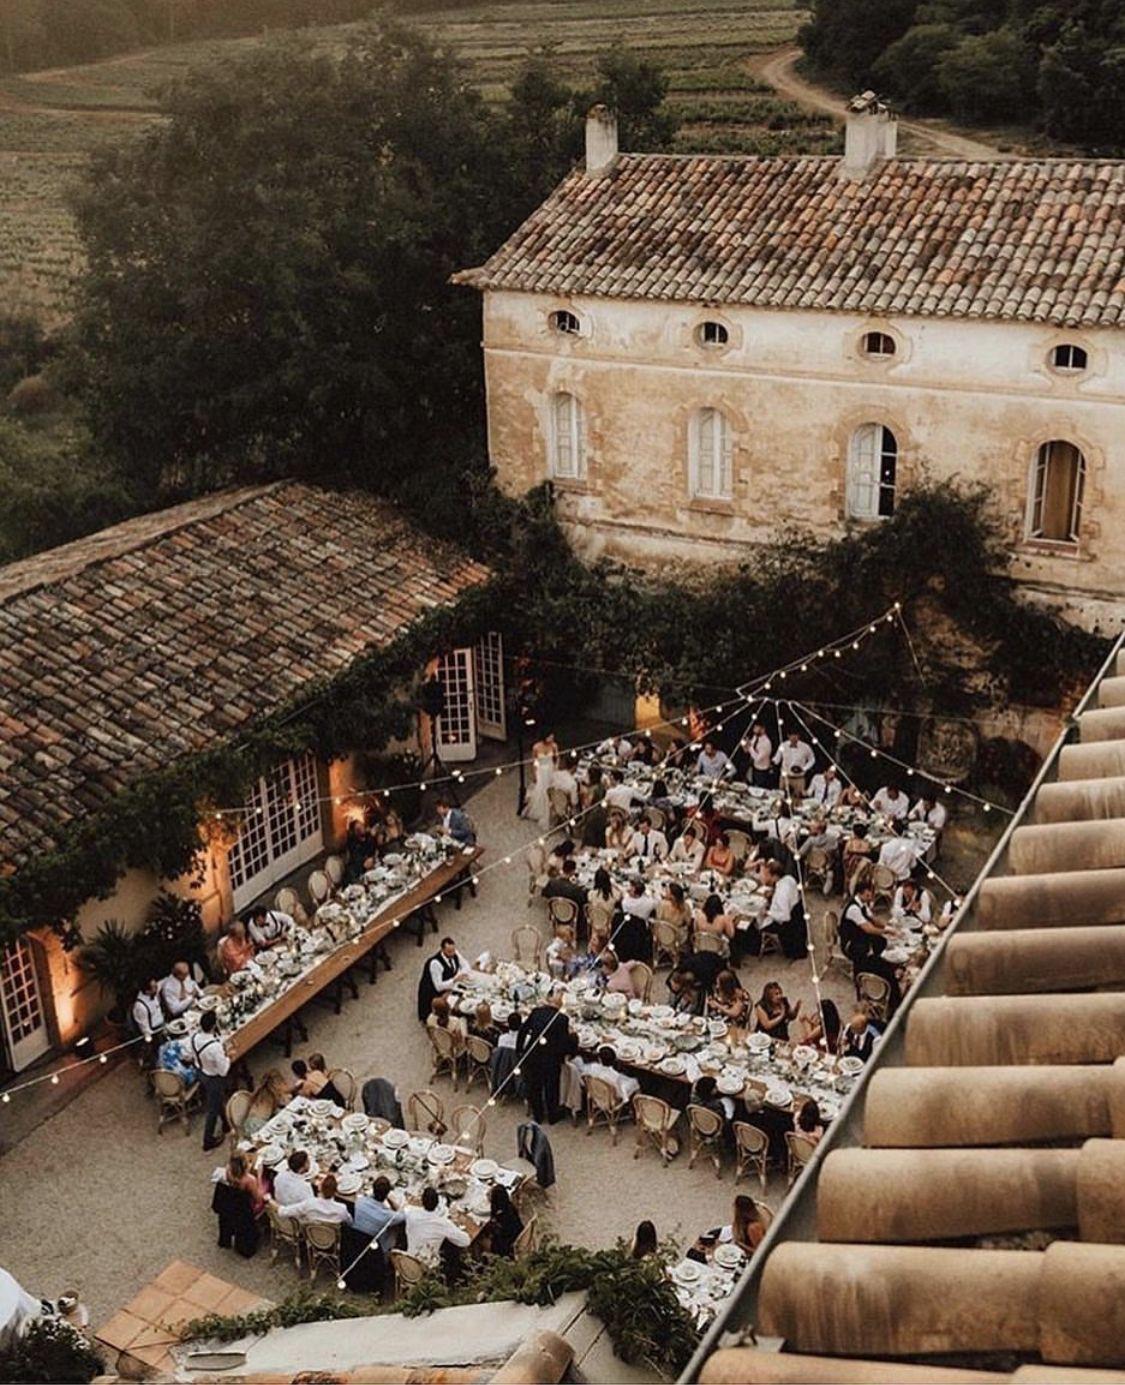 Pretty European Village Dinner Party Under The Stars